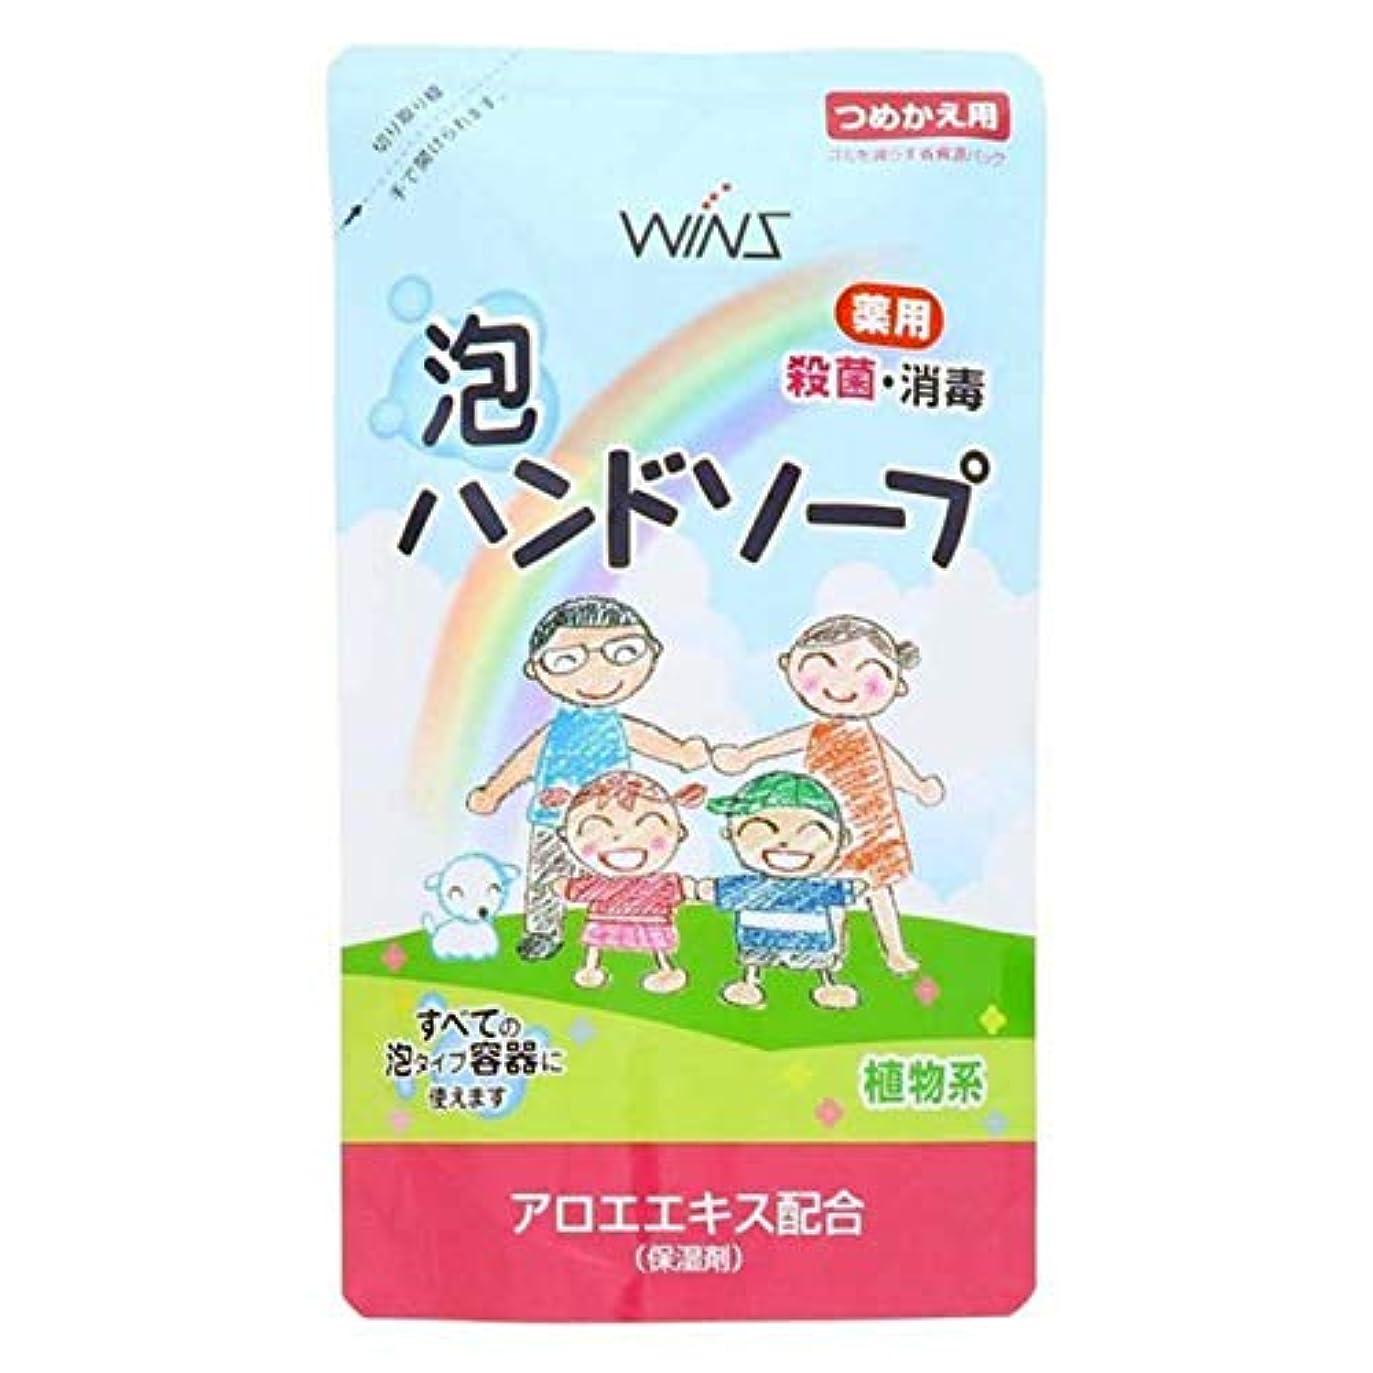 刺すバトル薄めるウインズ 薬用泡ハンドソープ 詰替 200mL 日本合成洗剤